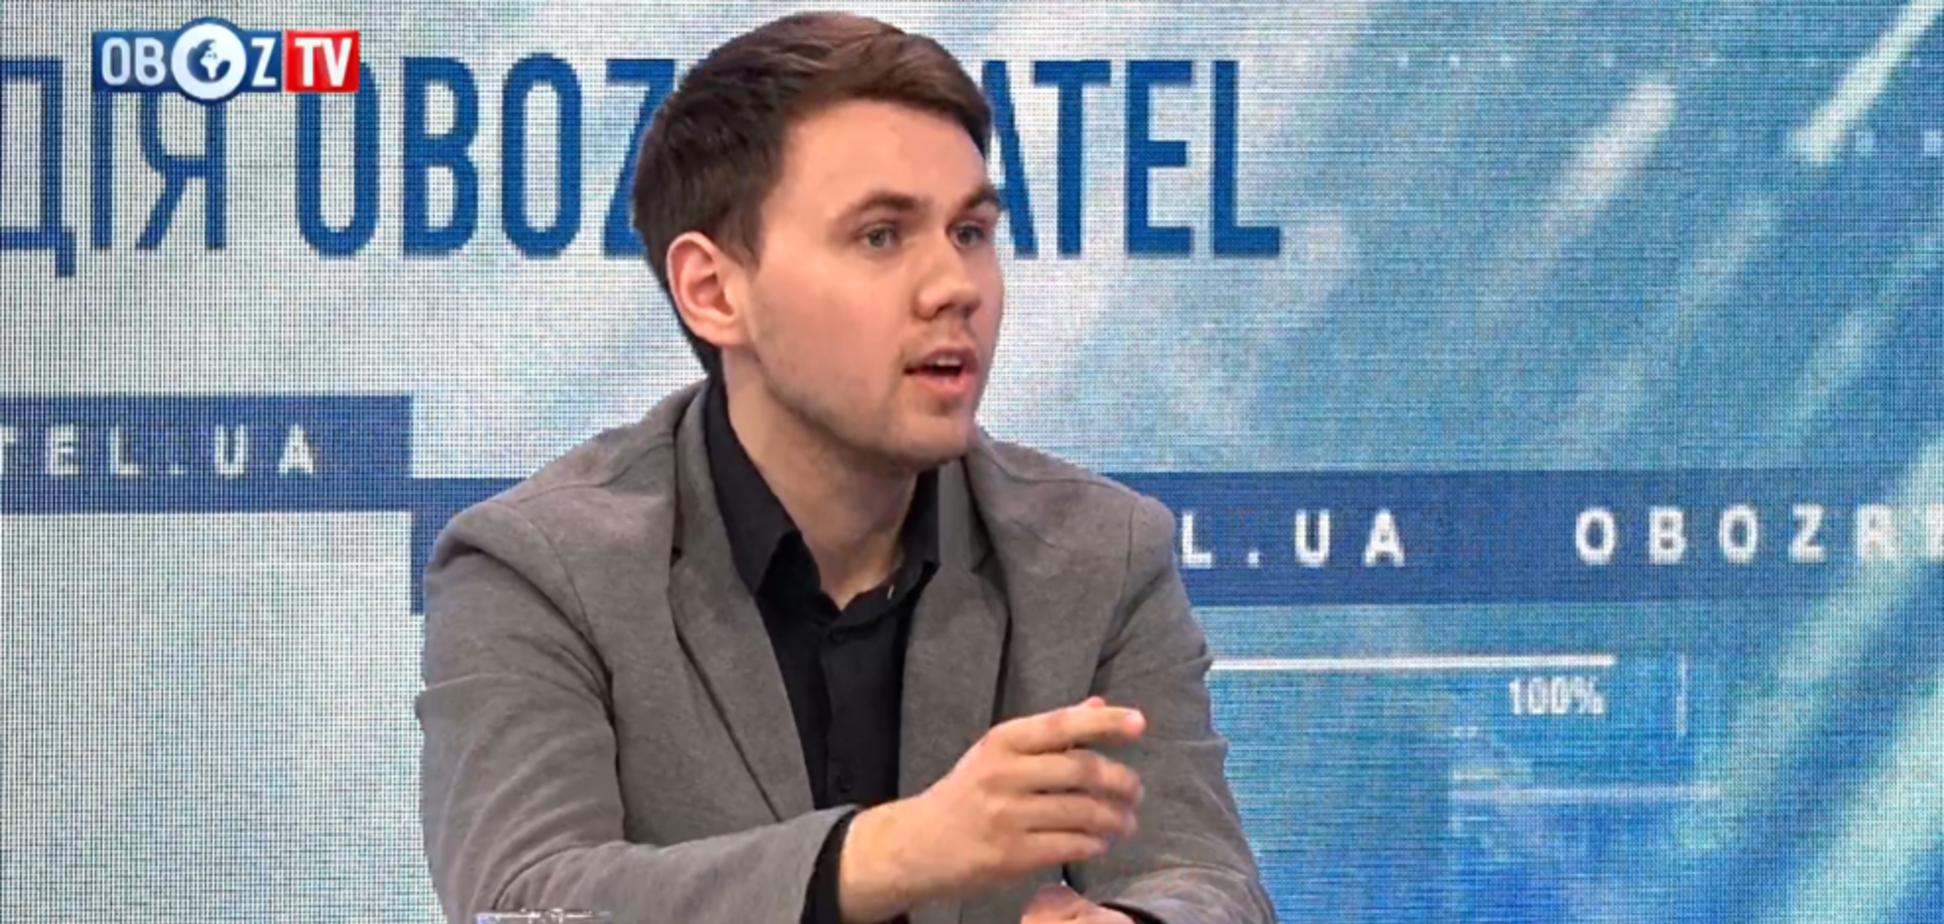 Программы с участием Зеленского в эфире в ''день тишины'' – эксперт дал разъяснение